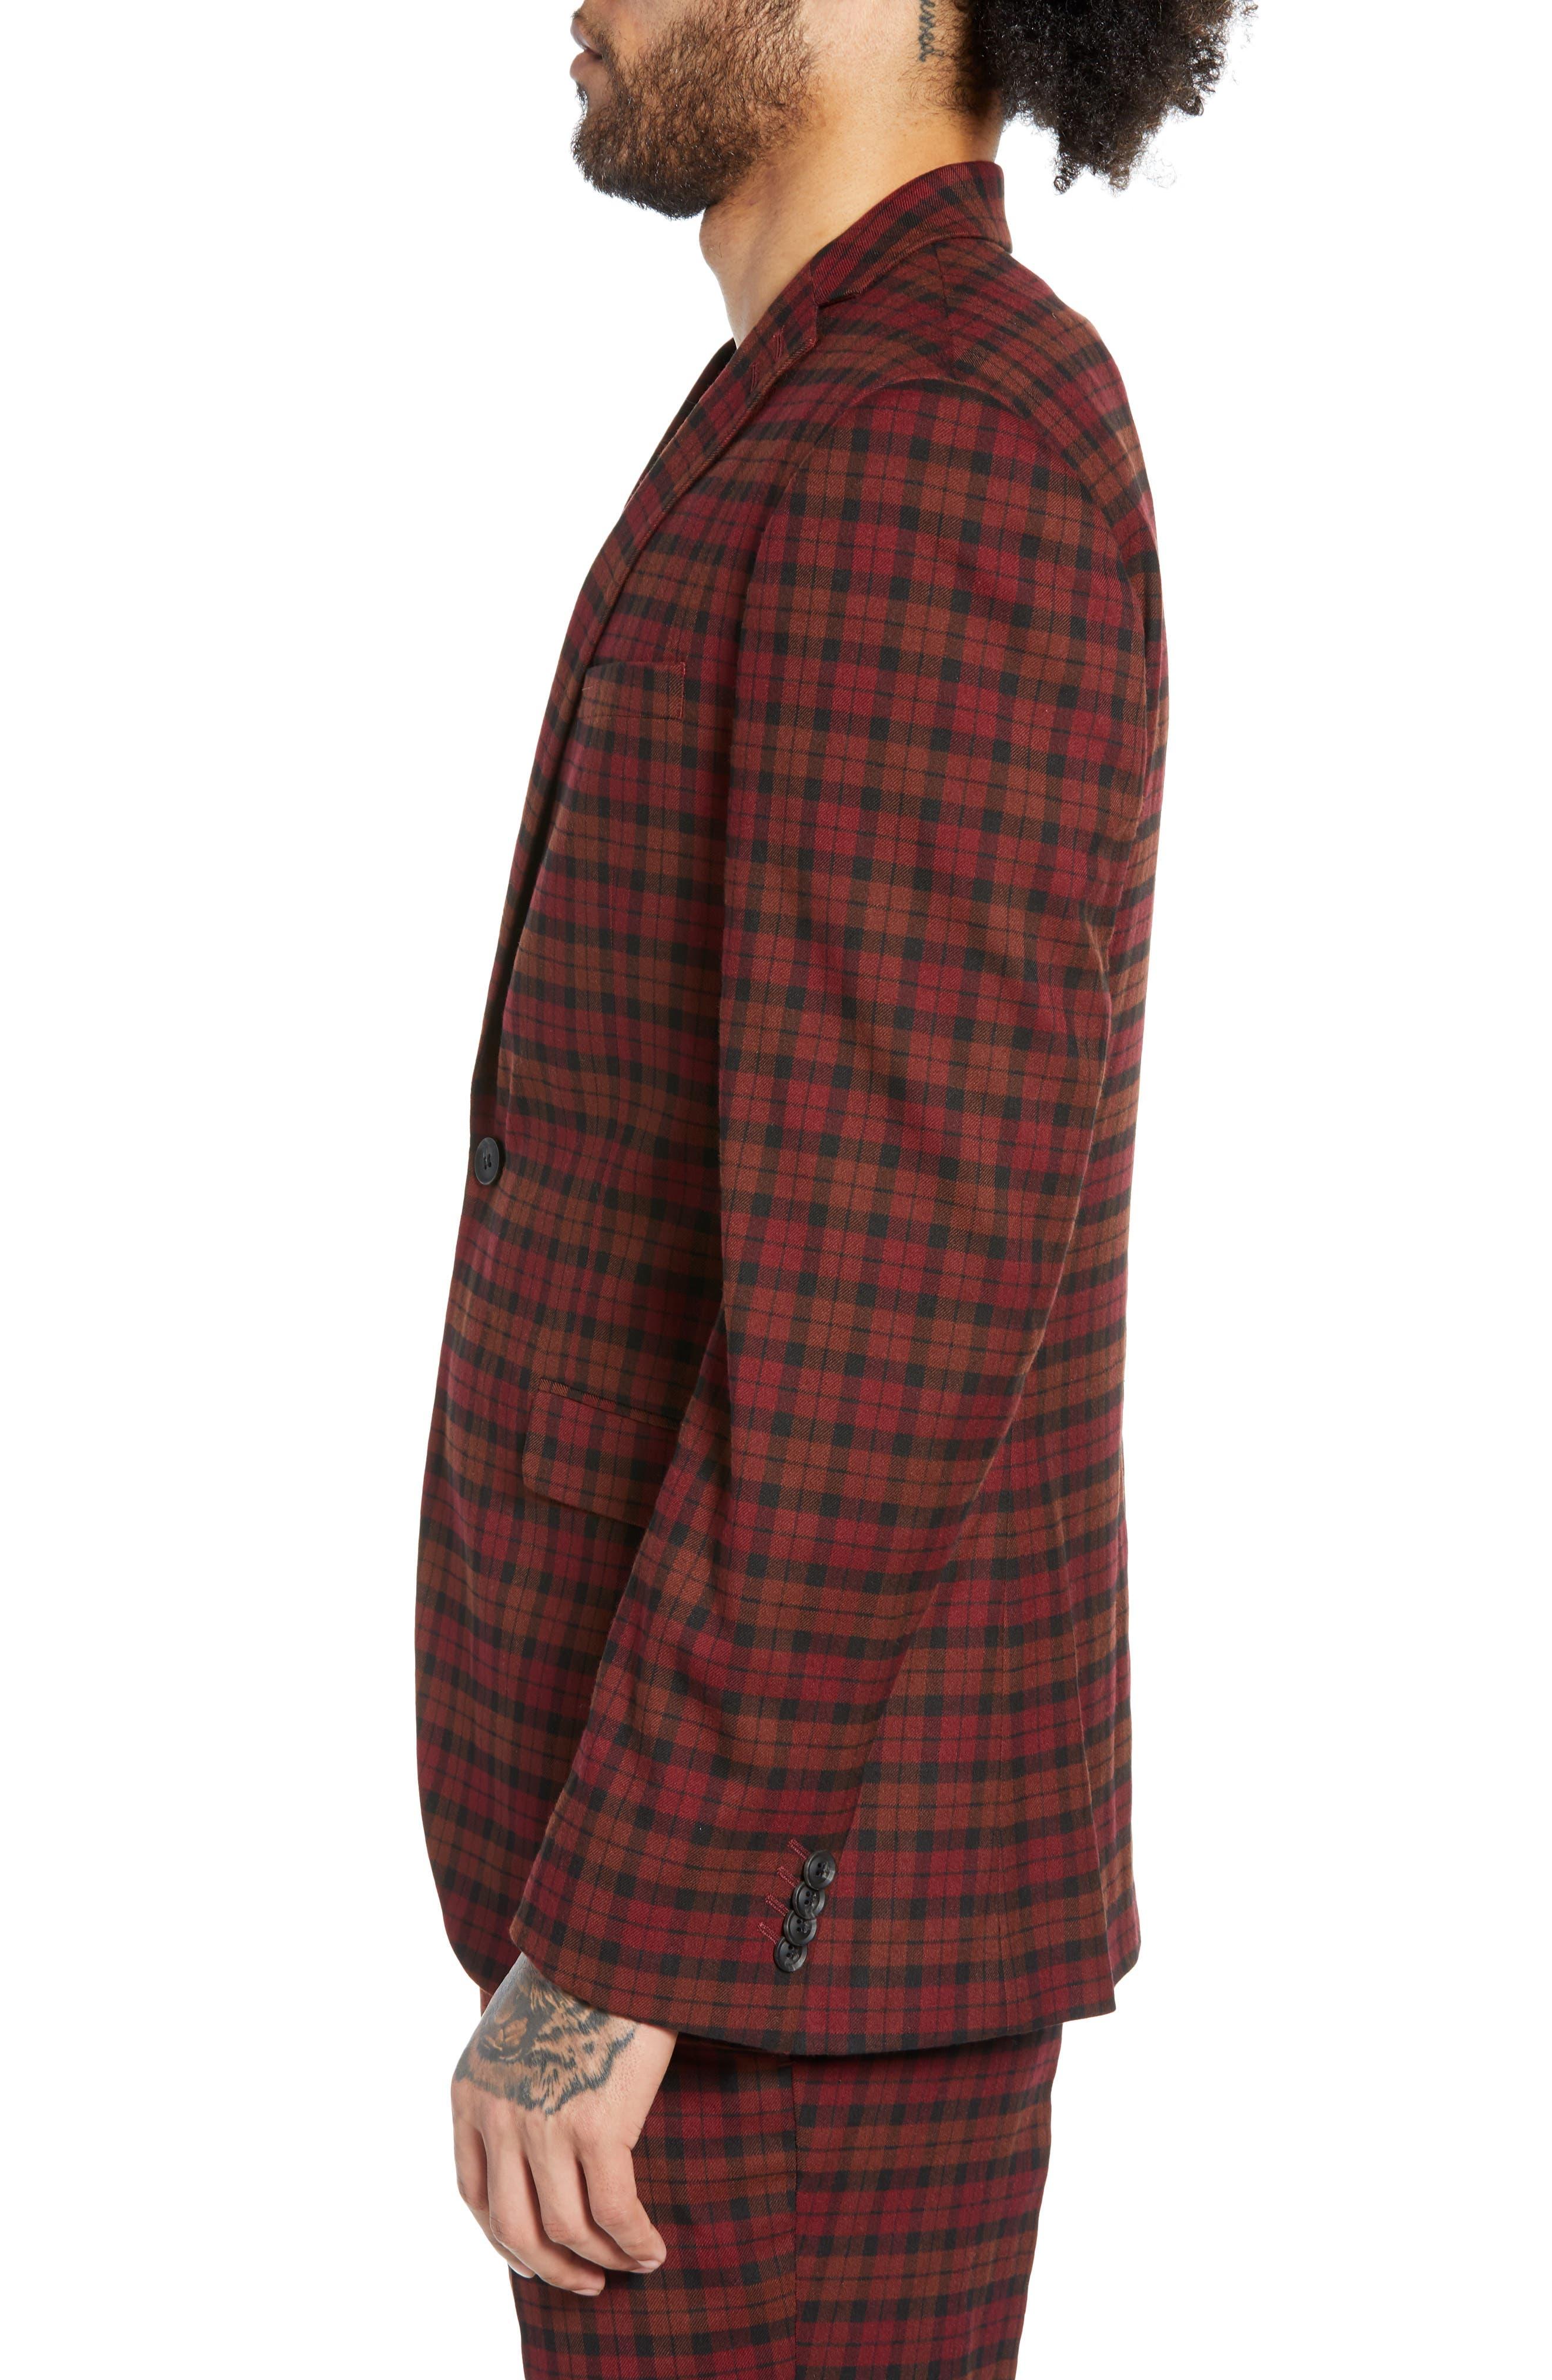 TOPMAN, Thorn Slim Fit Suit Jacket, Alternate thumbnail 4, color, 600